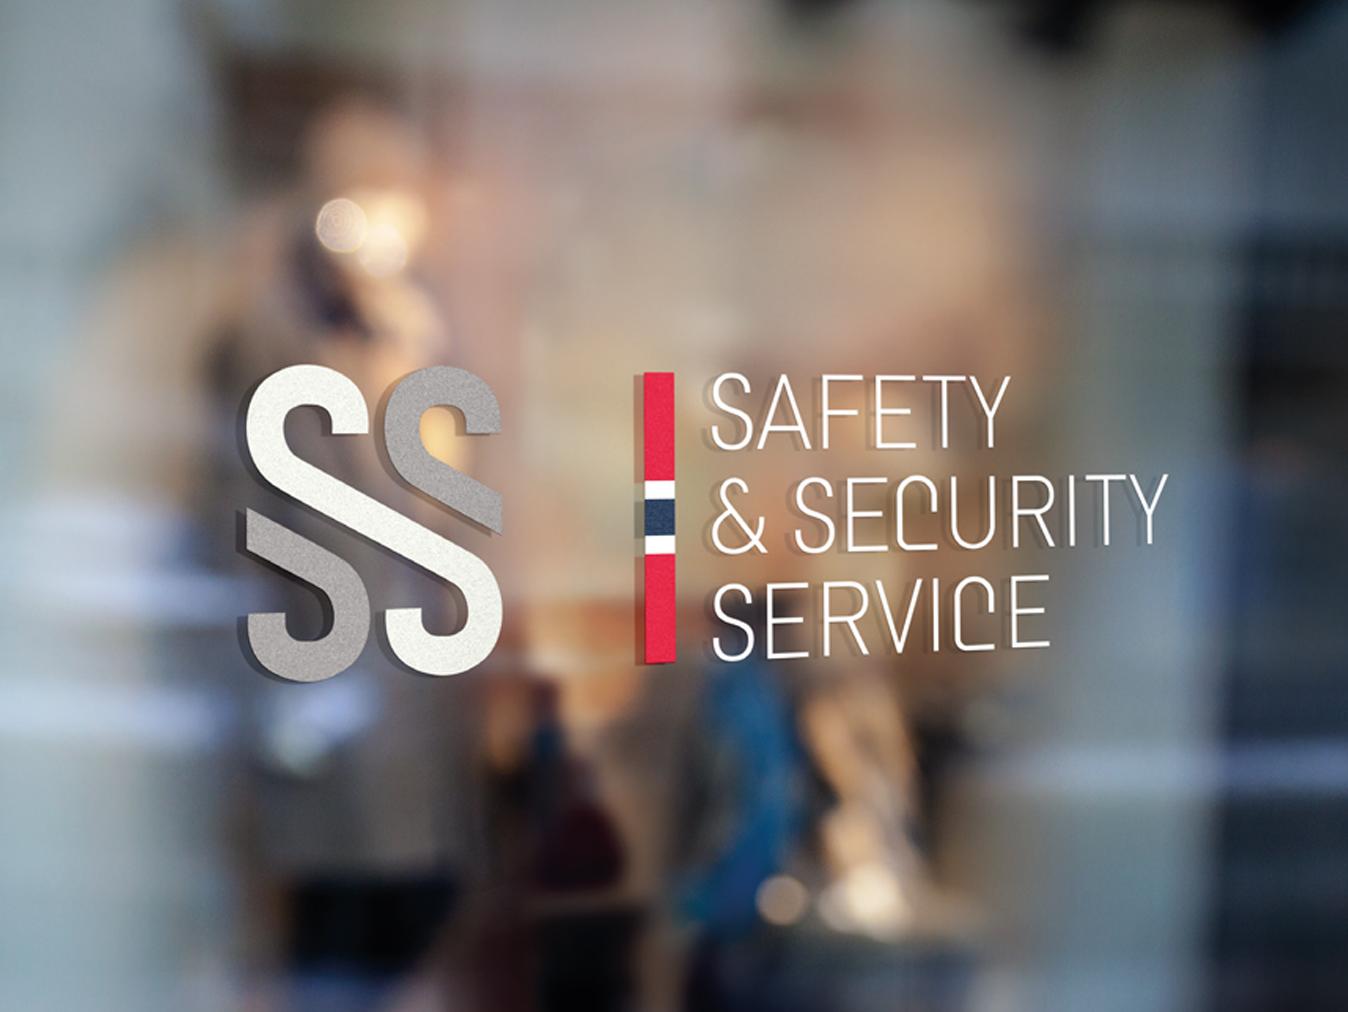 SSS_skilt_dekor.jpg